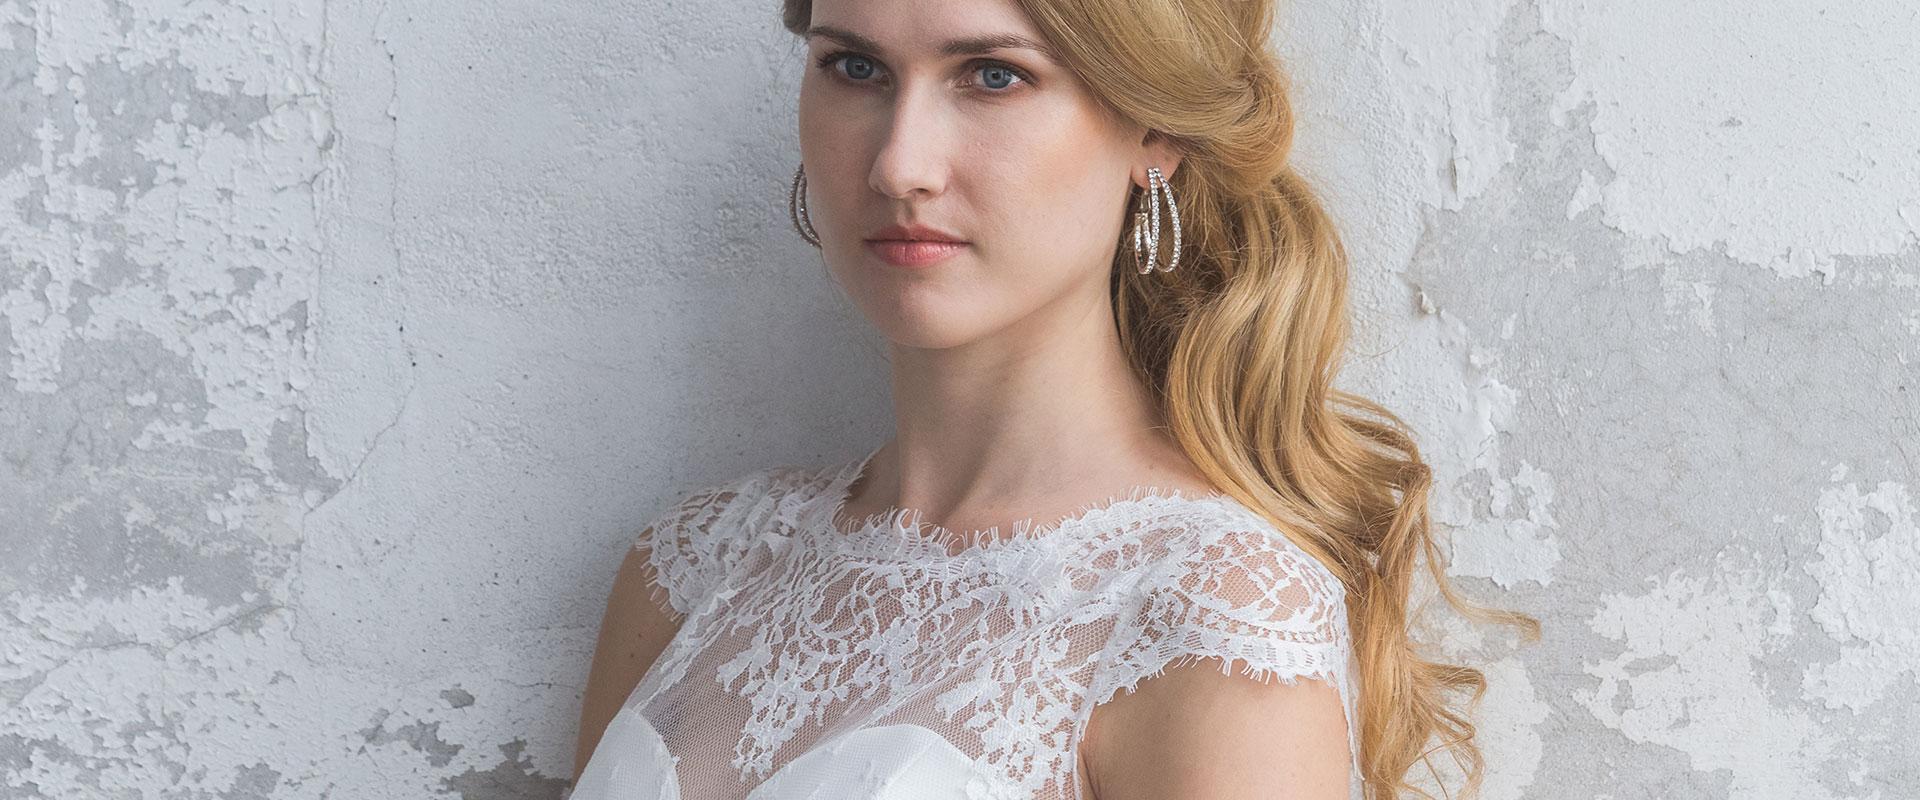 Bovenkant bruid in trouwjurk met kanten bovenstuk